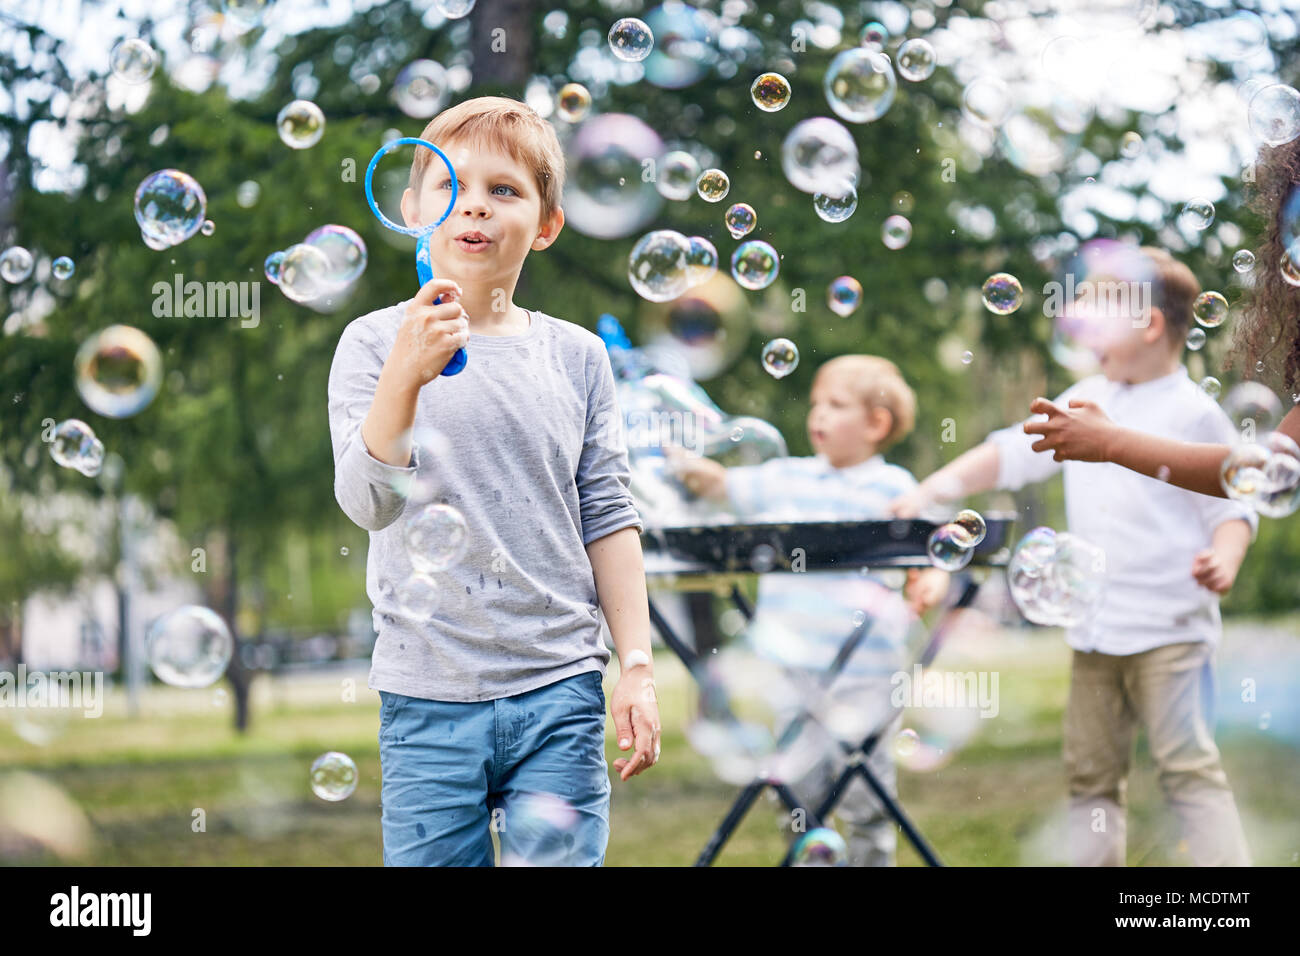 Chicos haciendo burbujas de jabón Imagen De Stock